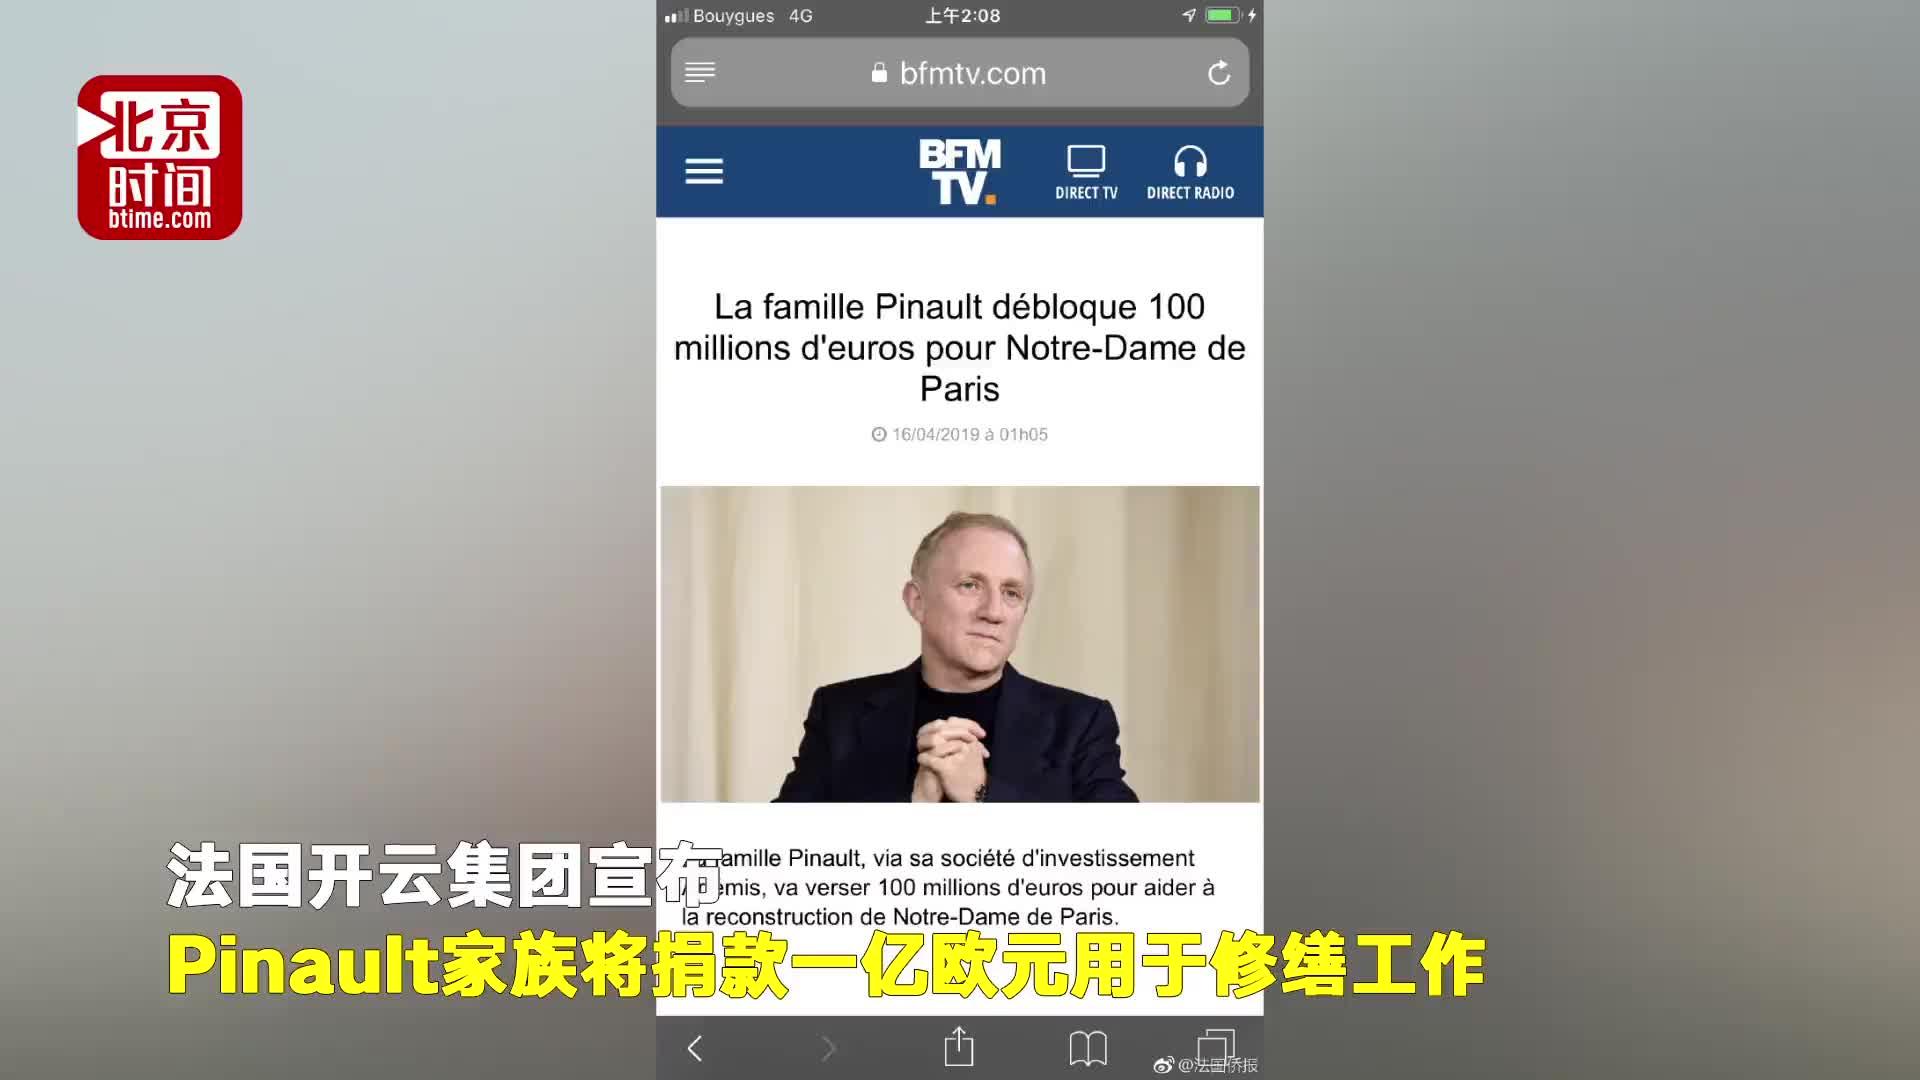 [视频]巴黎圣母院起火将重建 法国富豪捐一亿欧元